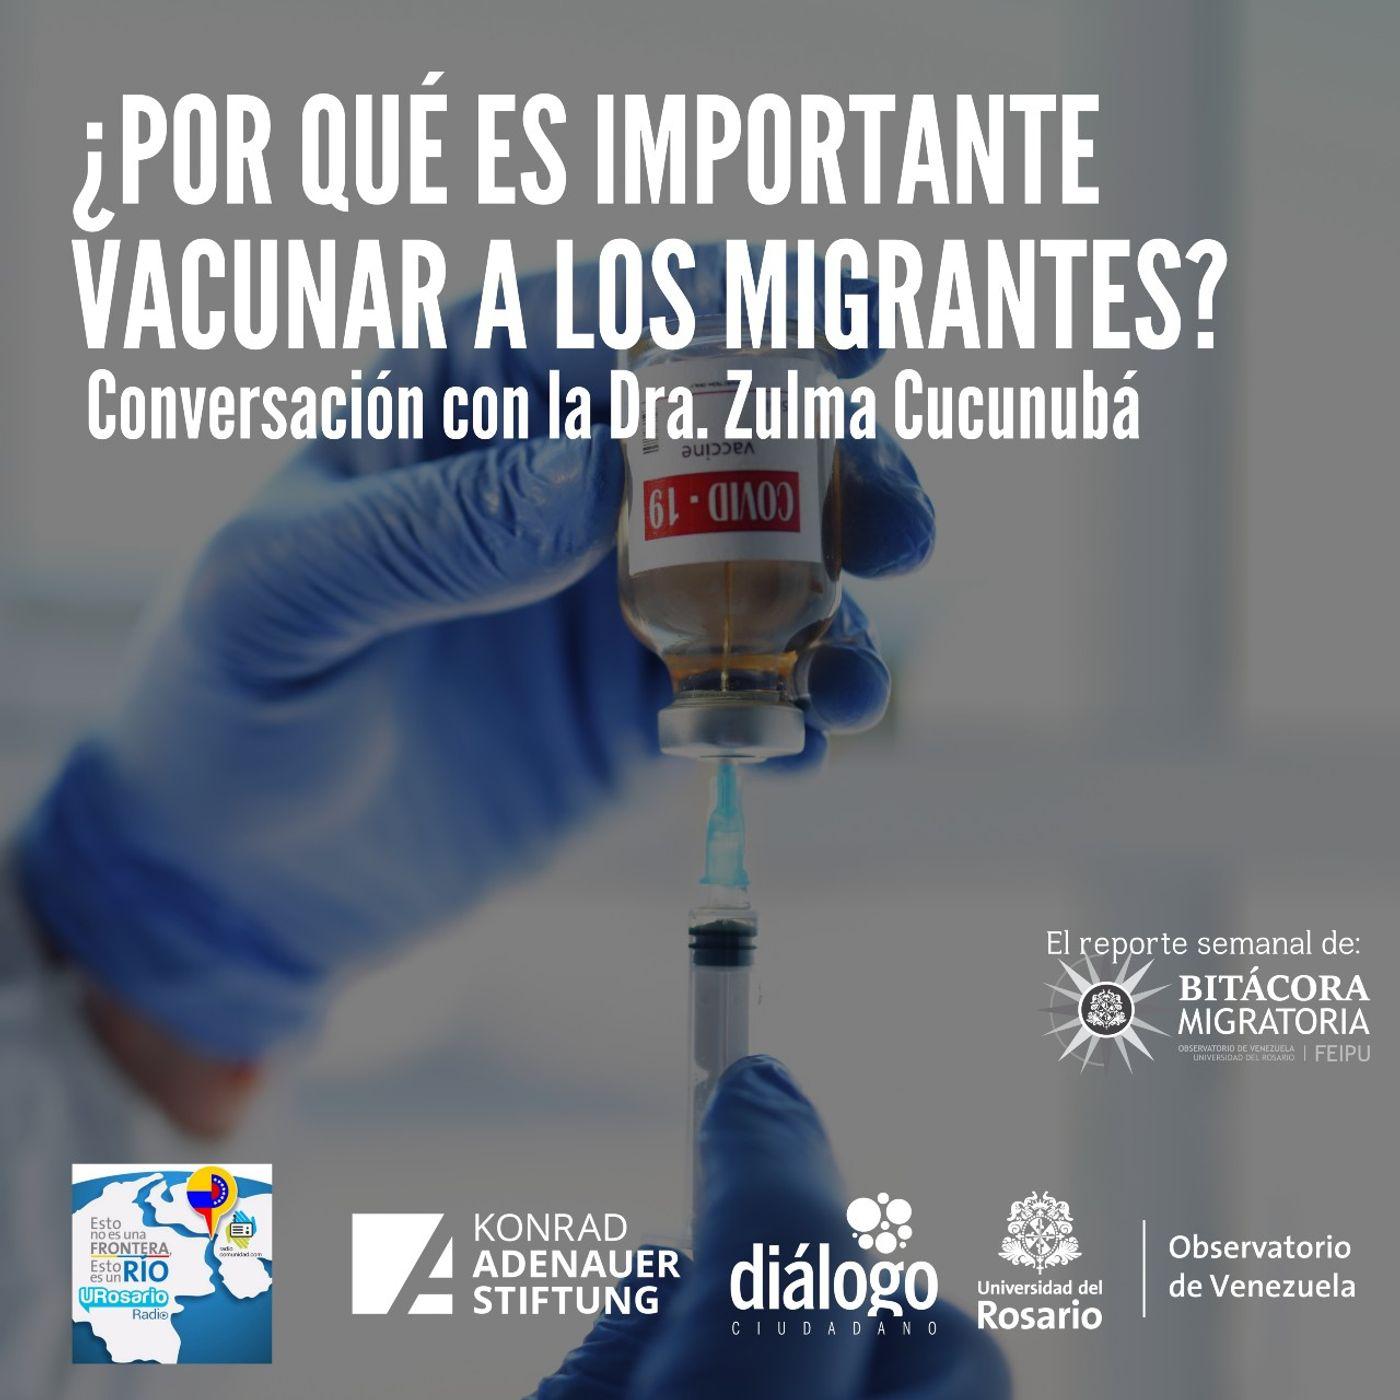 ¿Por qué es importante vacunar a los migrantes?